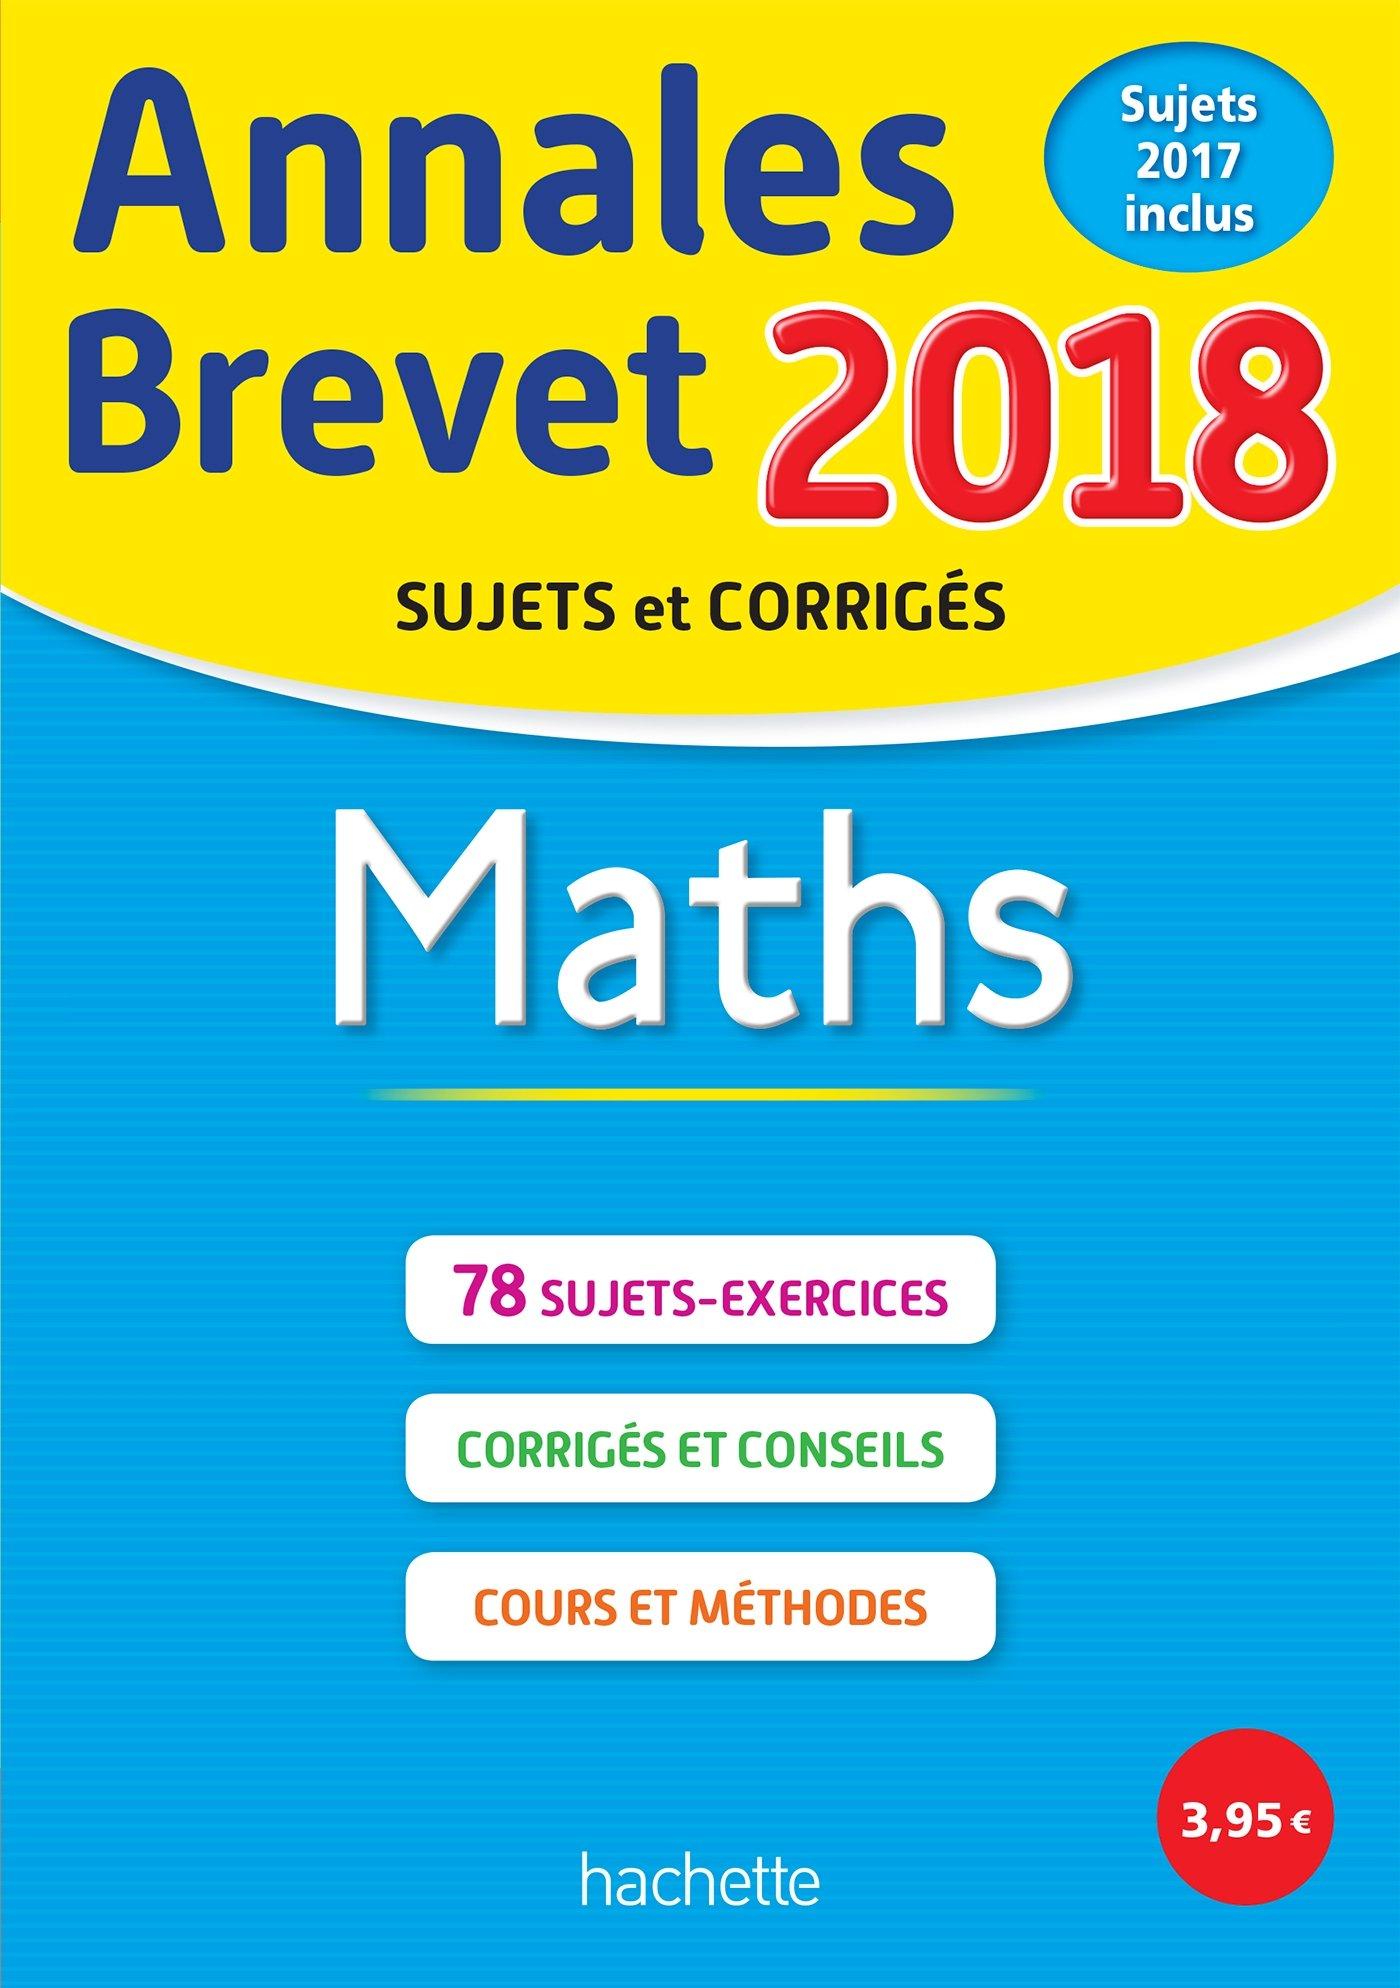 Annales Brevet 2018 Maths (Annales du Brevet): Amazon.es: Philippe Rousseau, Malorie Gorillot, Sébastien Dessaint: Libros en idiomas extranjeros